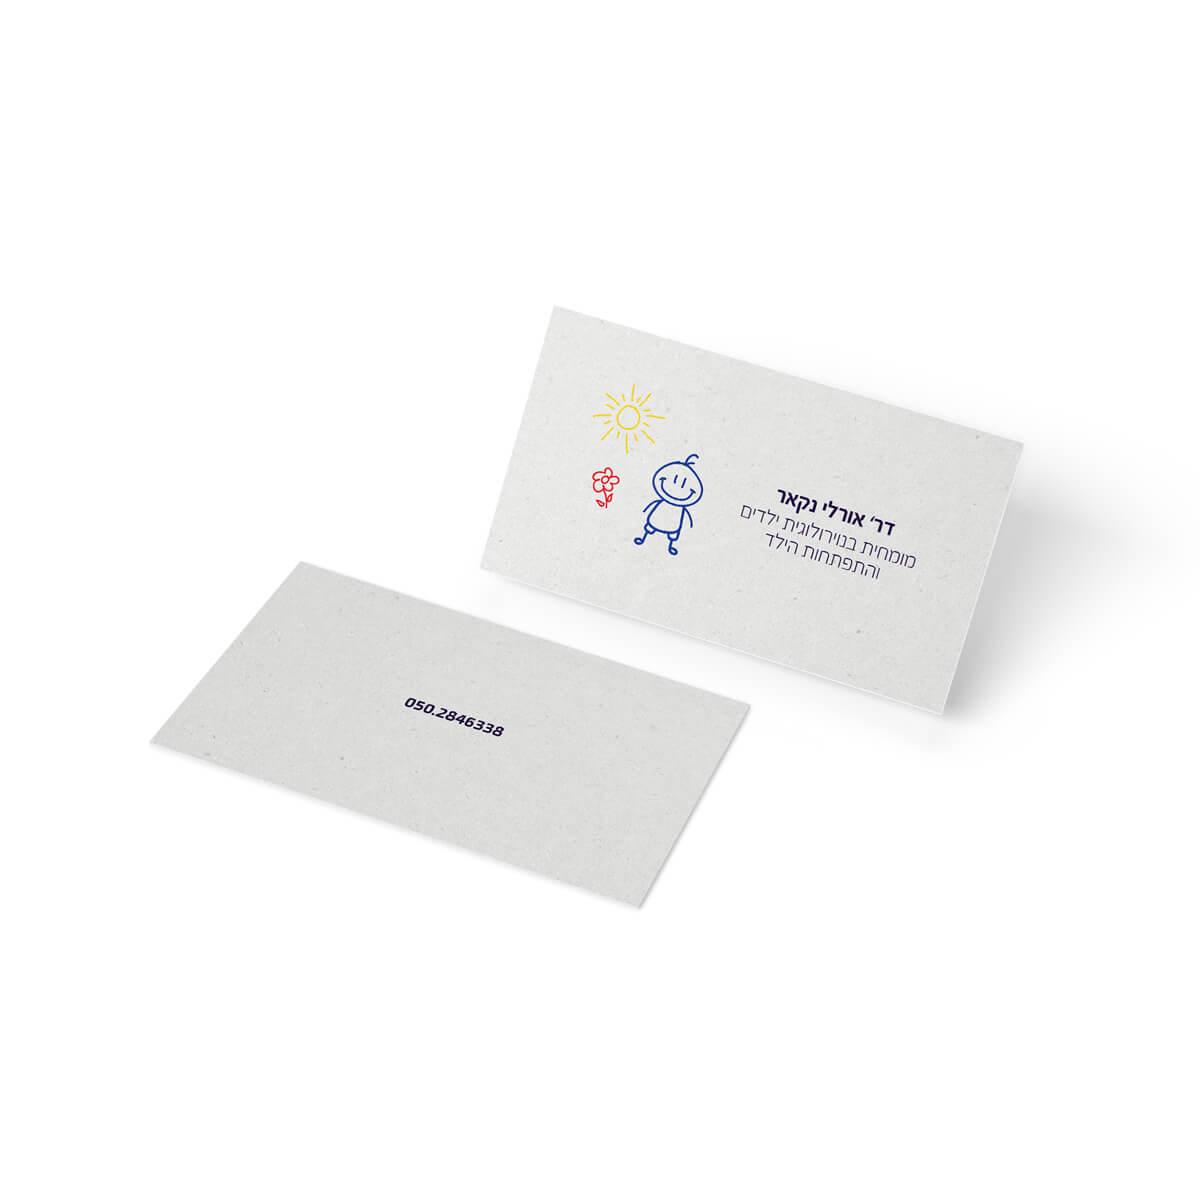 עיצוב כרטיסי ביקור אורלי נקאר | ליאור דקל ליבה